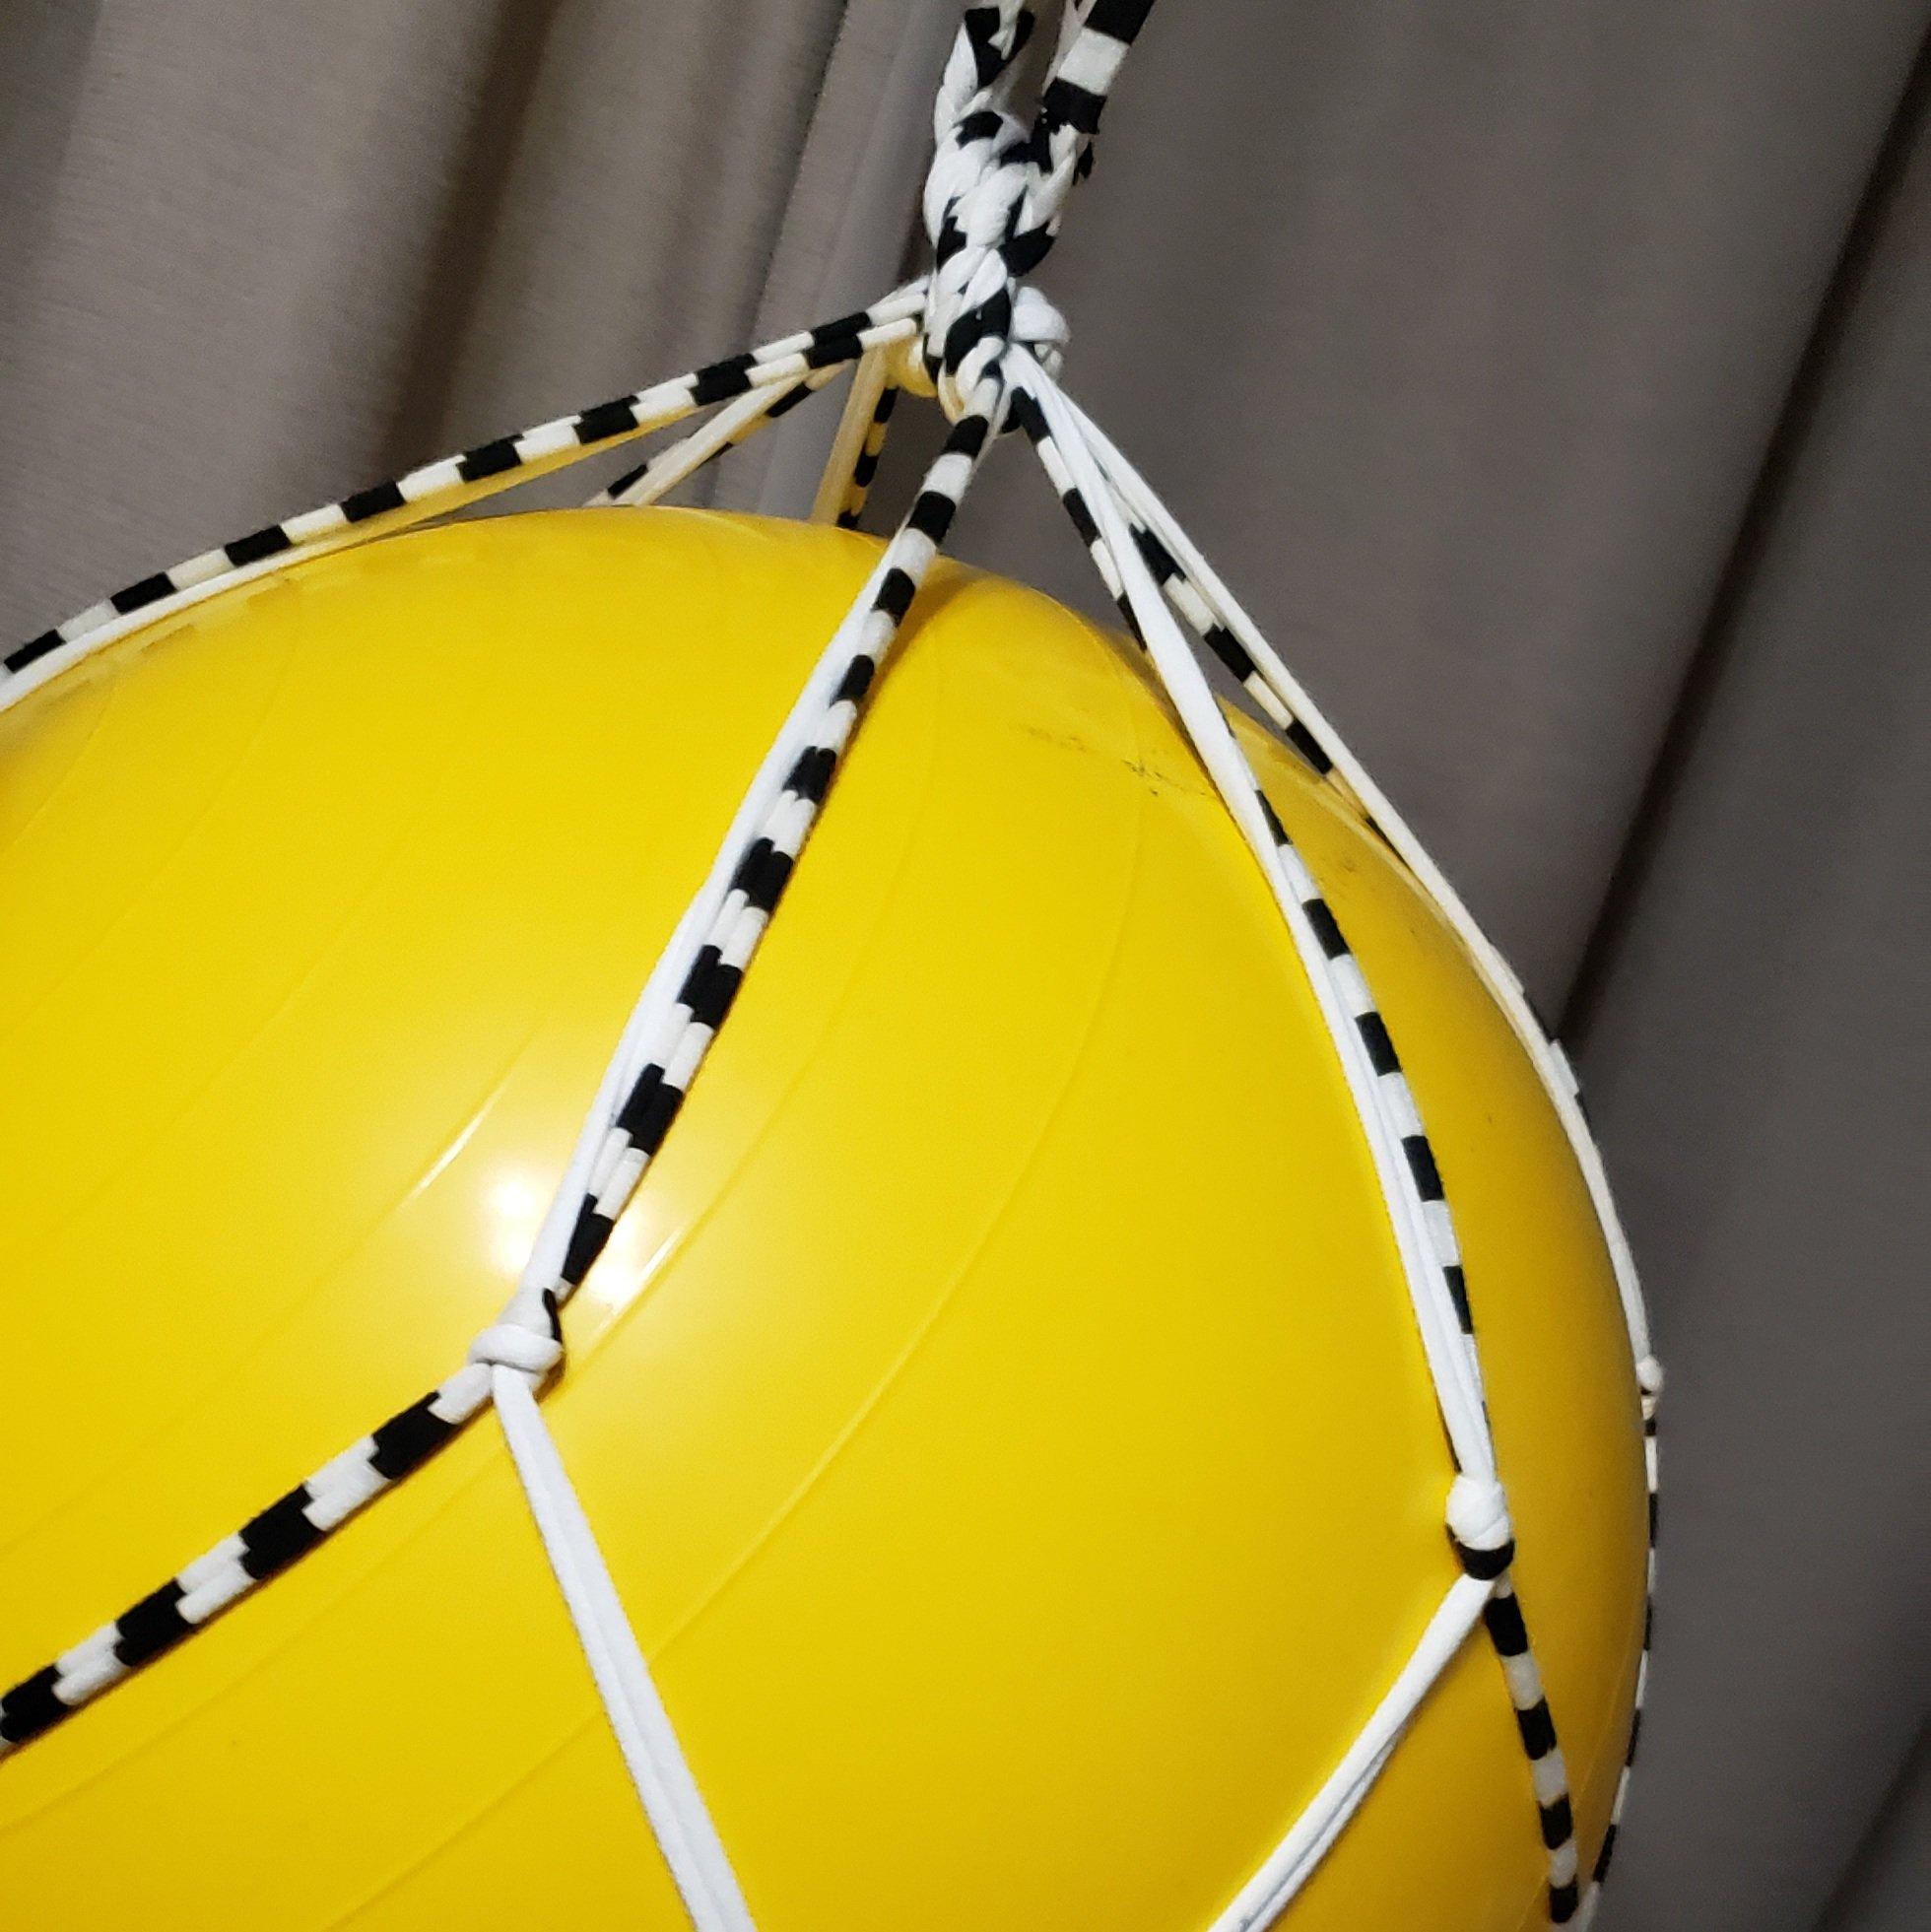 【ボール&ボールネット付き】バランスボールスターターセット!基本をまずは学びましょう@江南市&オンラインのイメージその4